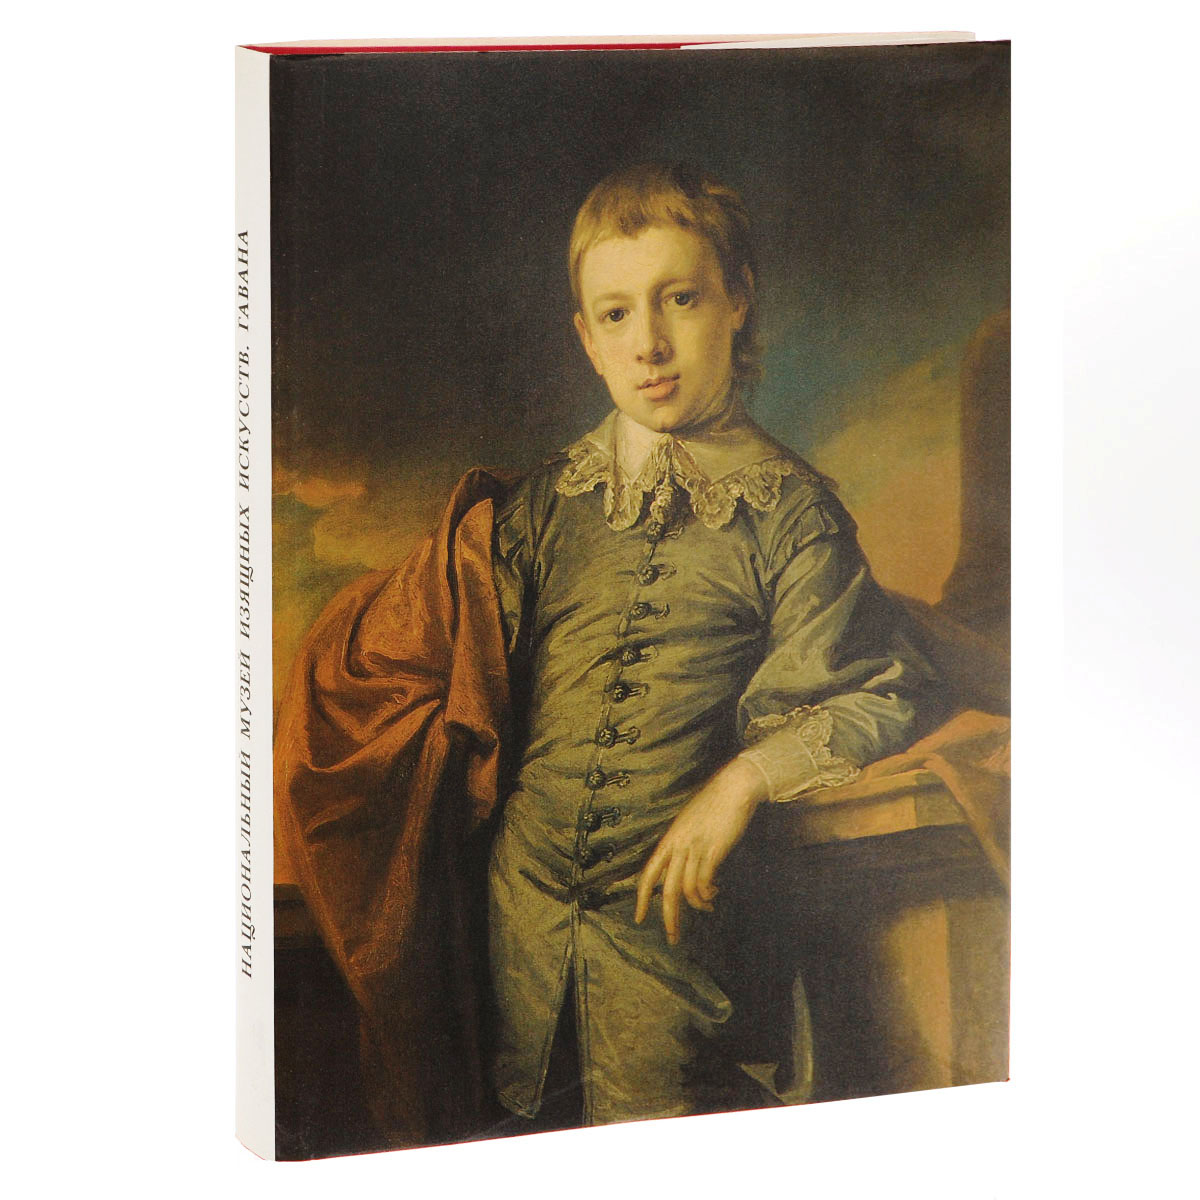 Мигель Луис Нуньес Гутьеррес Национальный музей изящных искусств. Гавана. Альбом